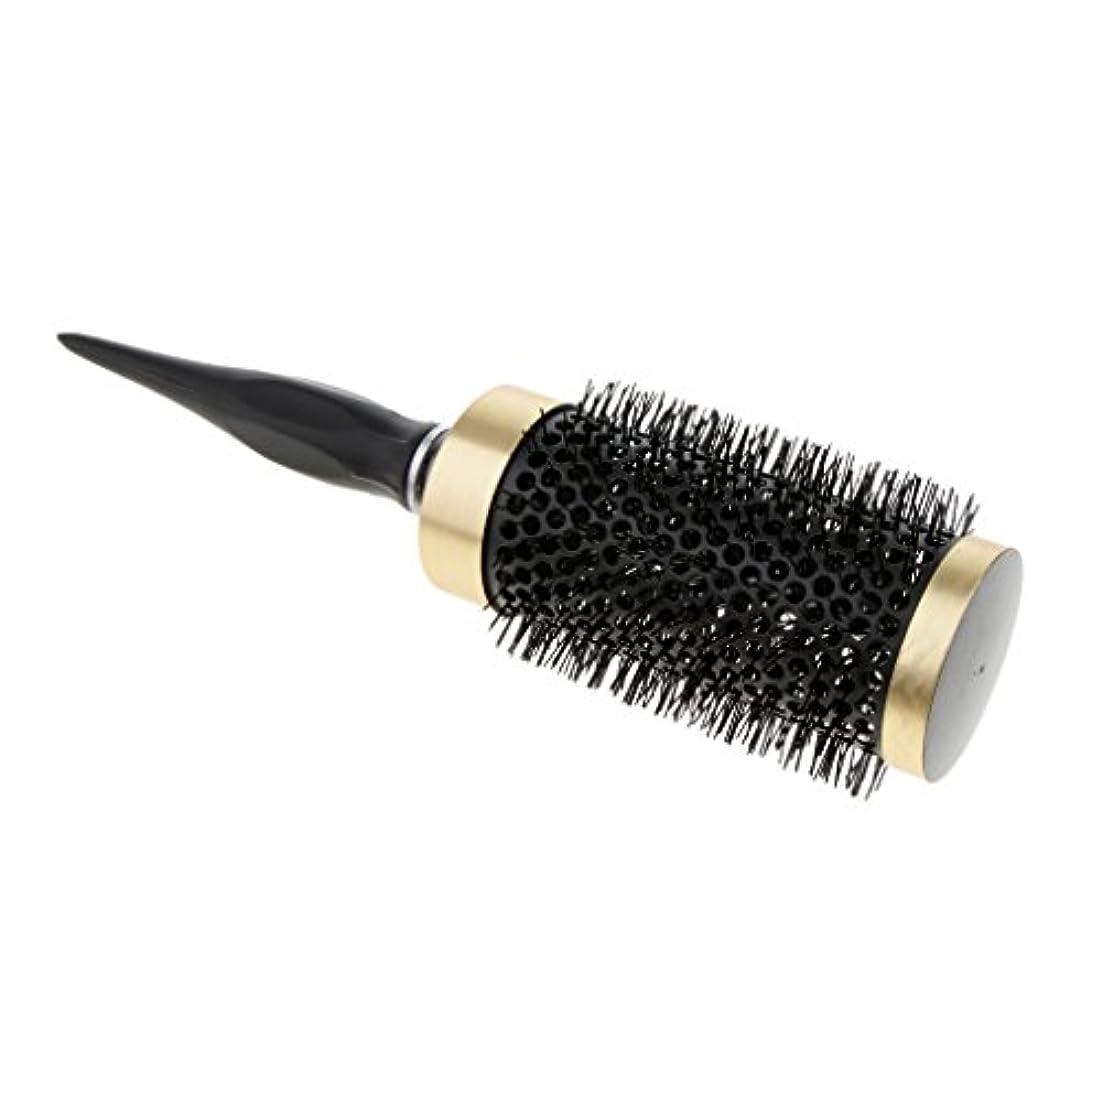 サリー三番野心的ロールブラシ ヘアブラシ ナイロンブラシ 静電気防止 カーリング 巻き髪ヘア 全5サイズ - 52mm